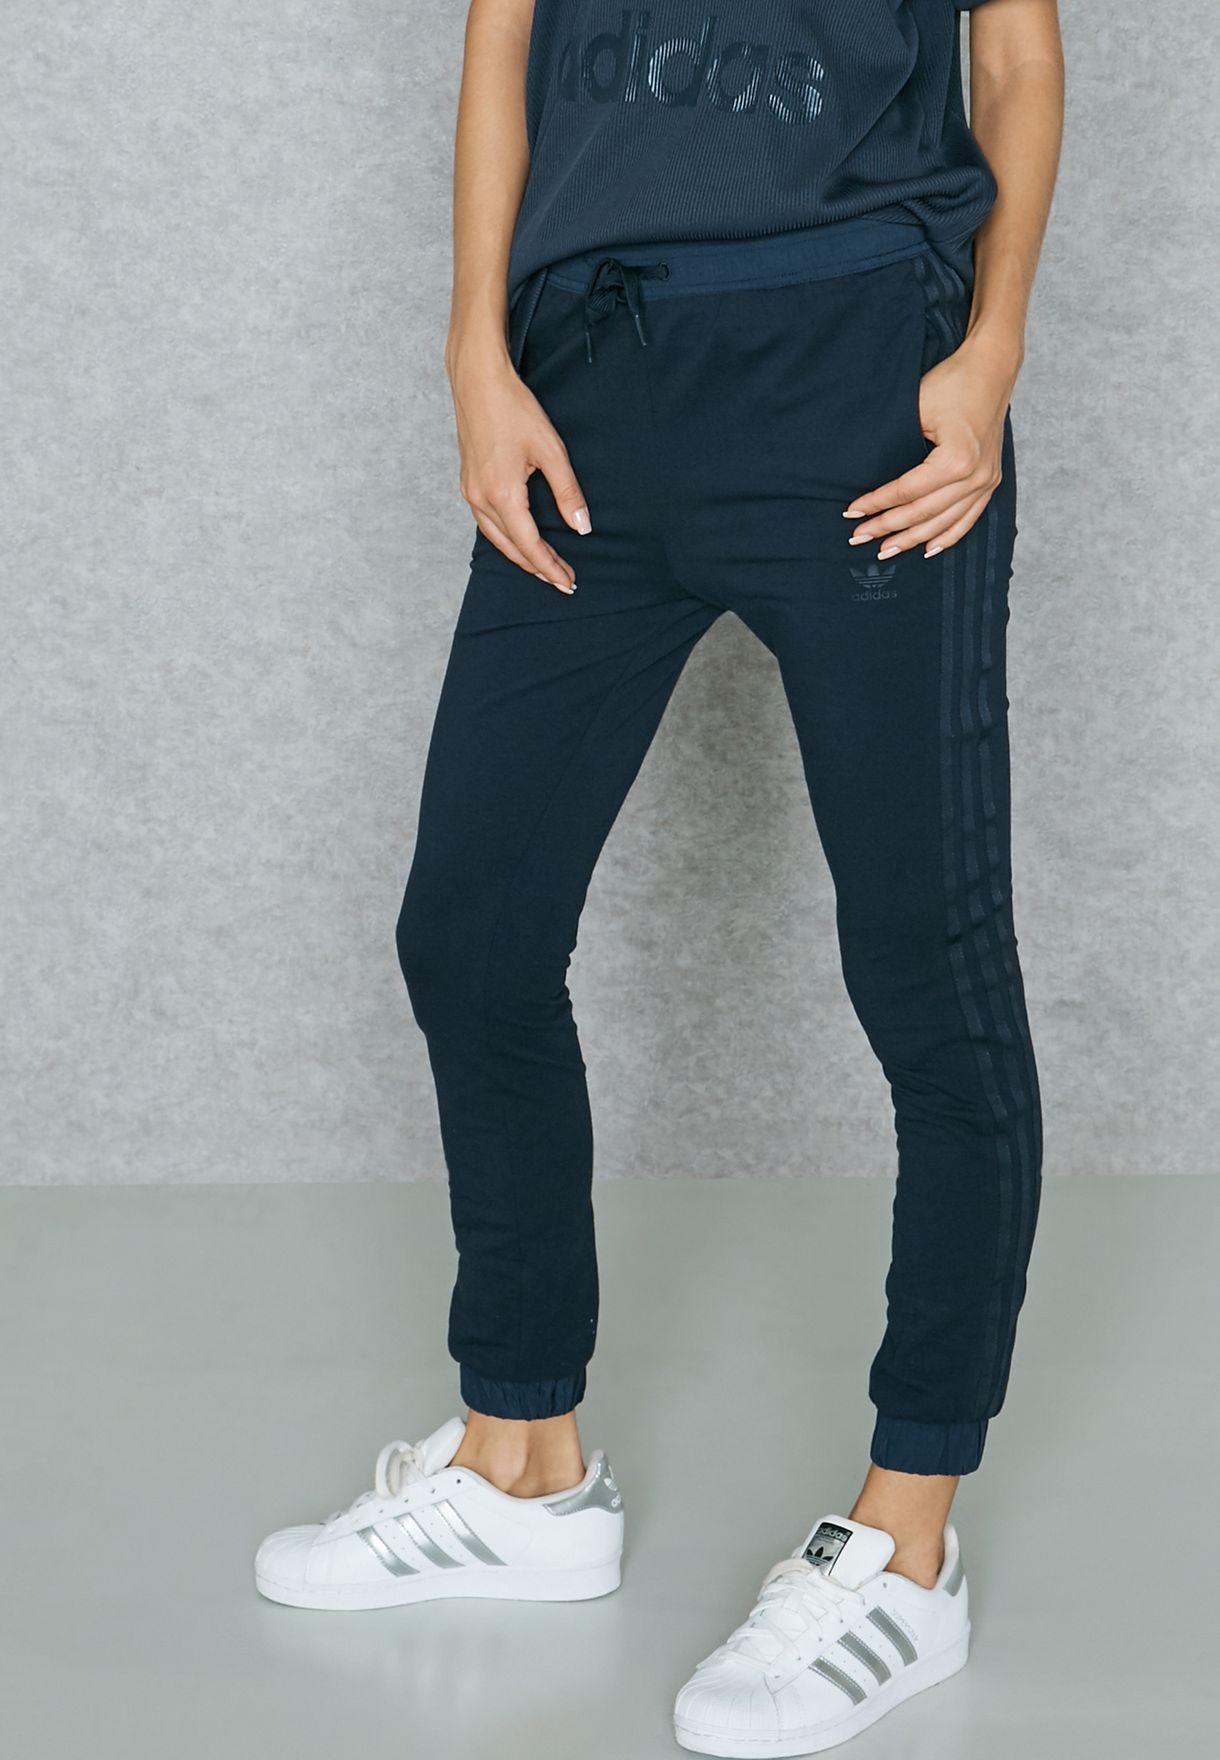 adidas originals skinny joggers womens